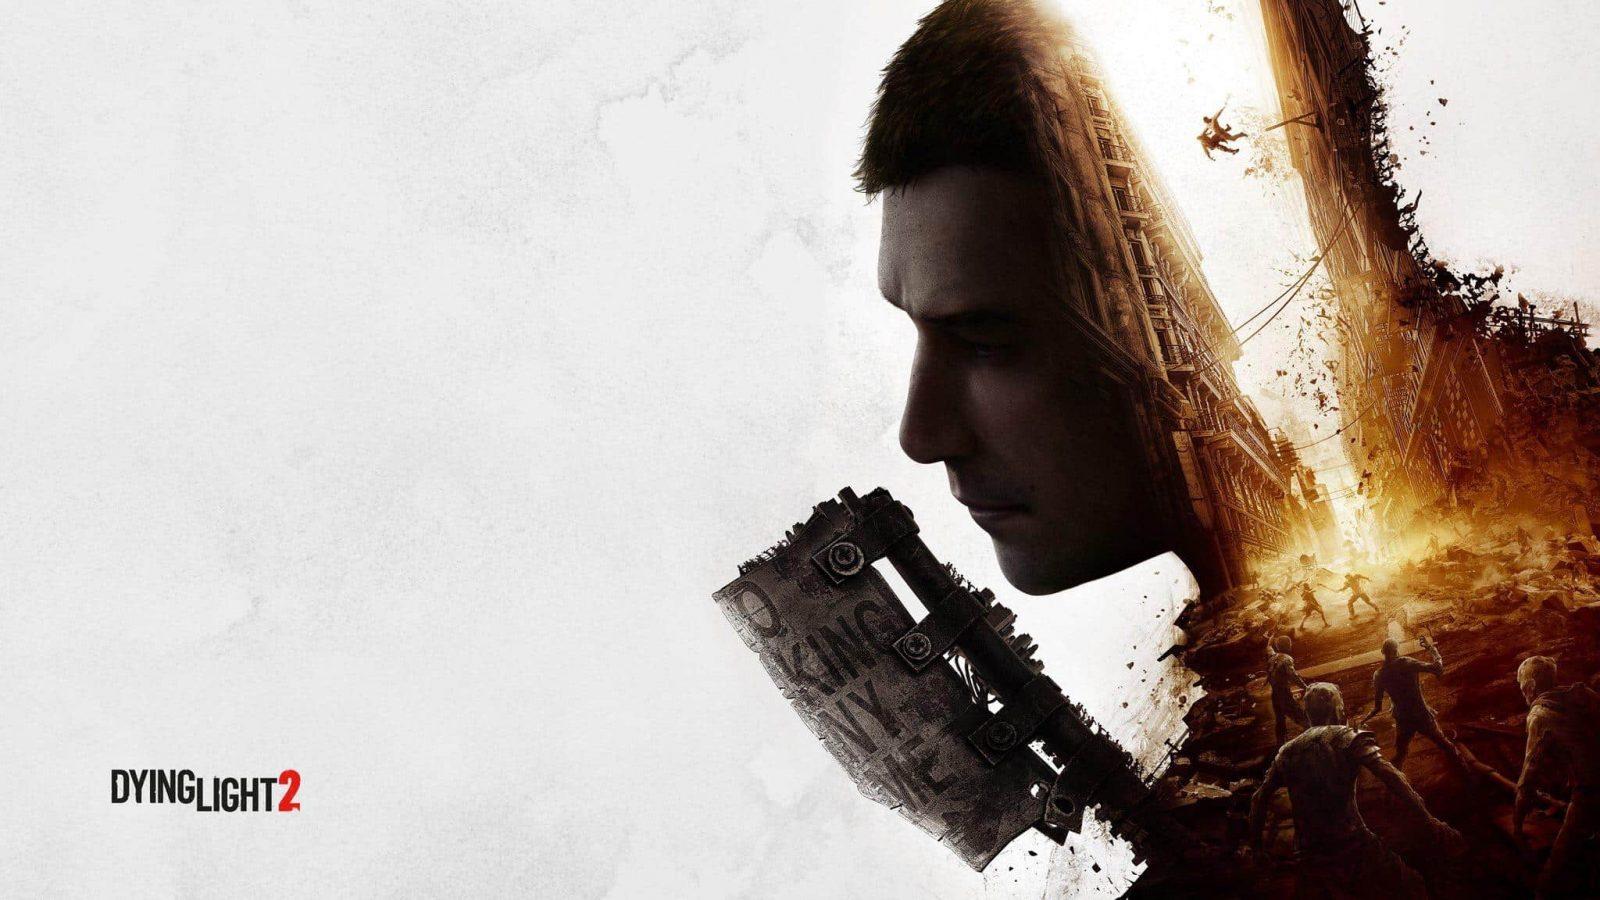 New trailer for Dying Light 2